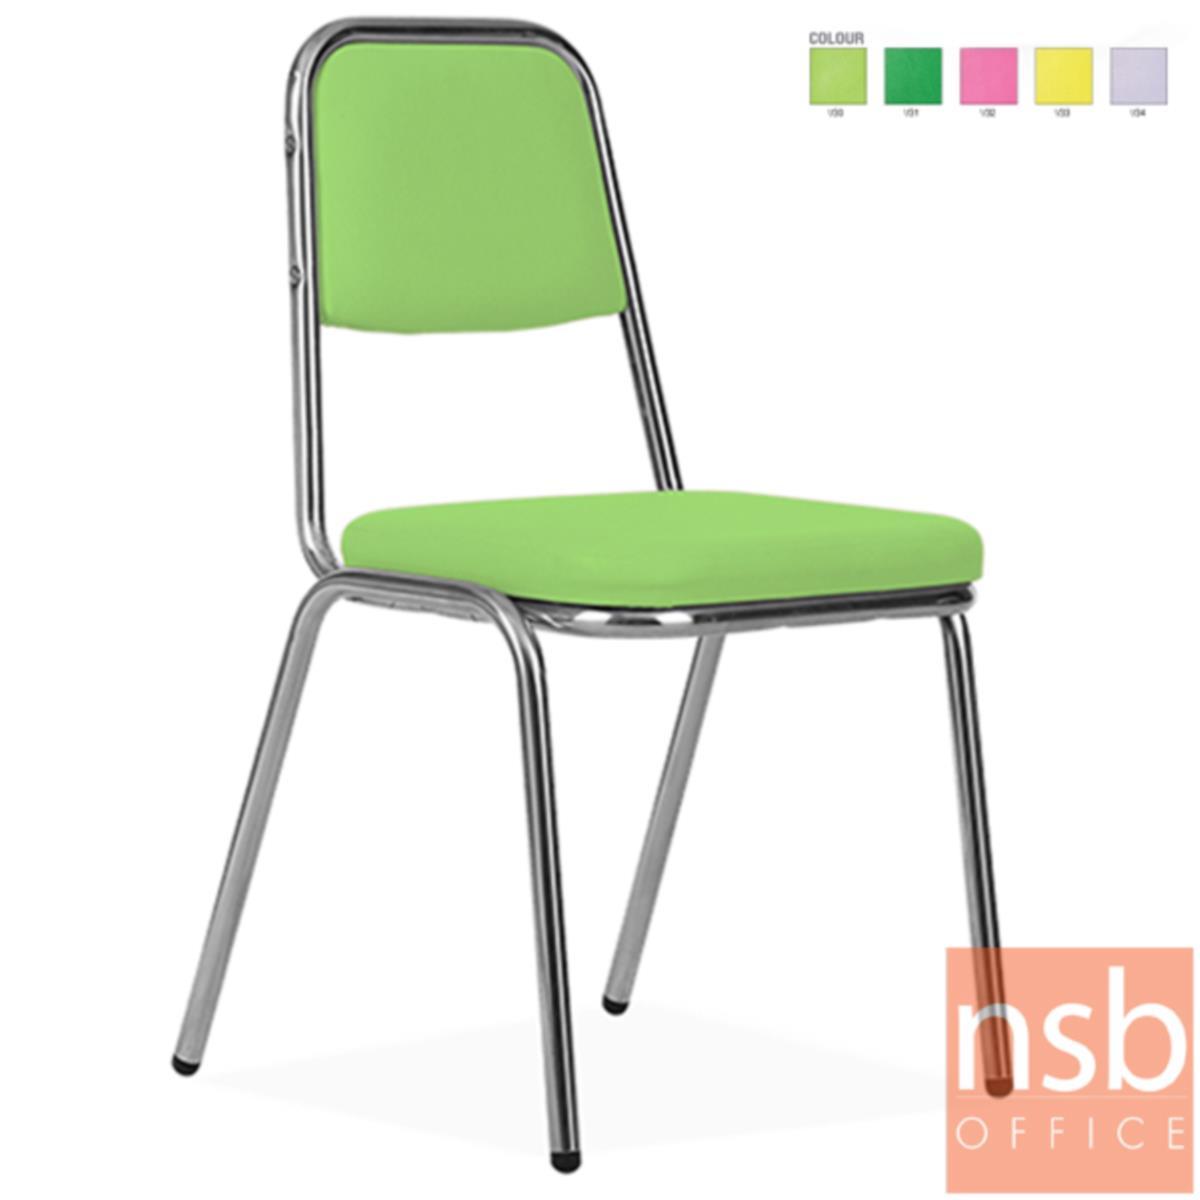 เก้าอี้อเนกประสงค์จัดเลี้ยง รุ่น TY-701CC  ขาเหล็กชุบโครเมี่ยม